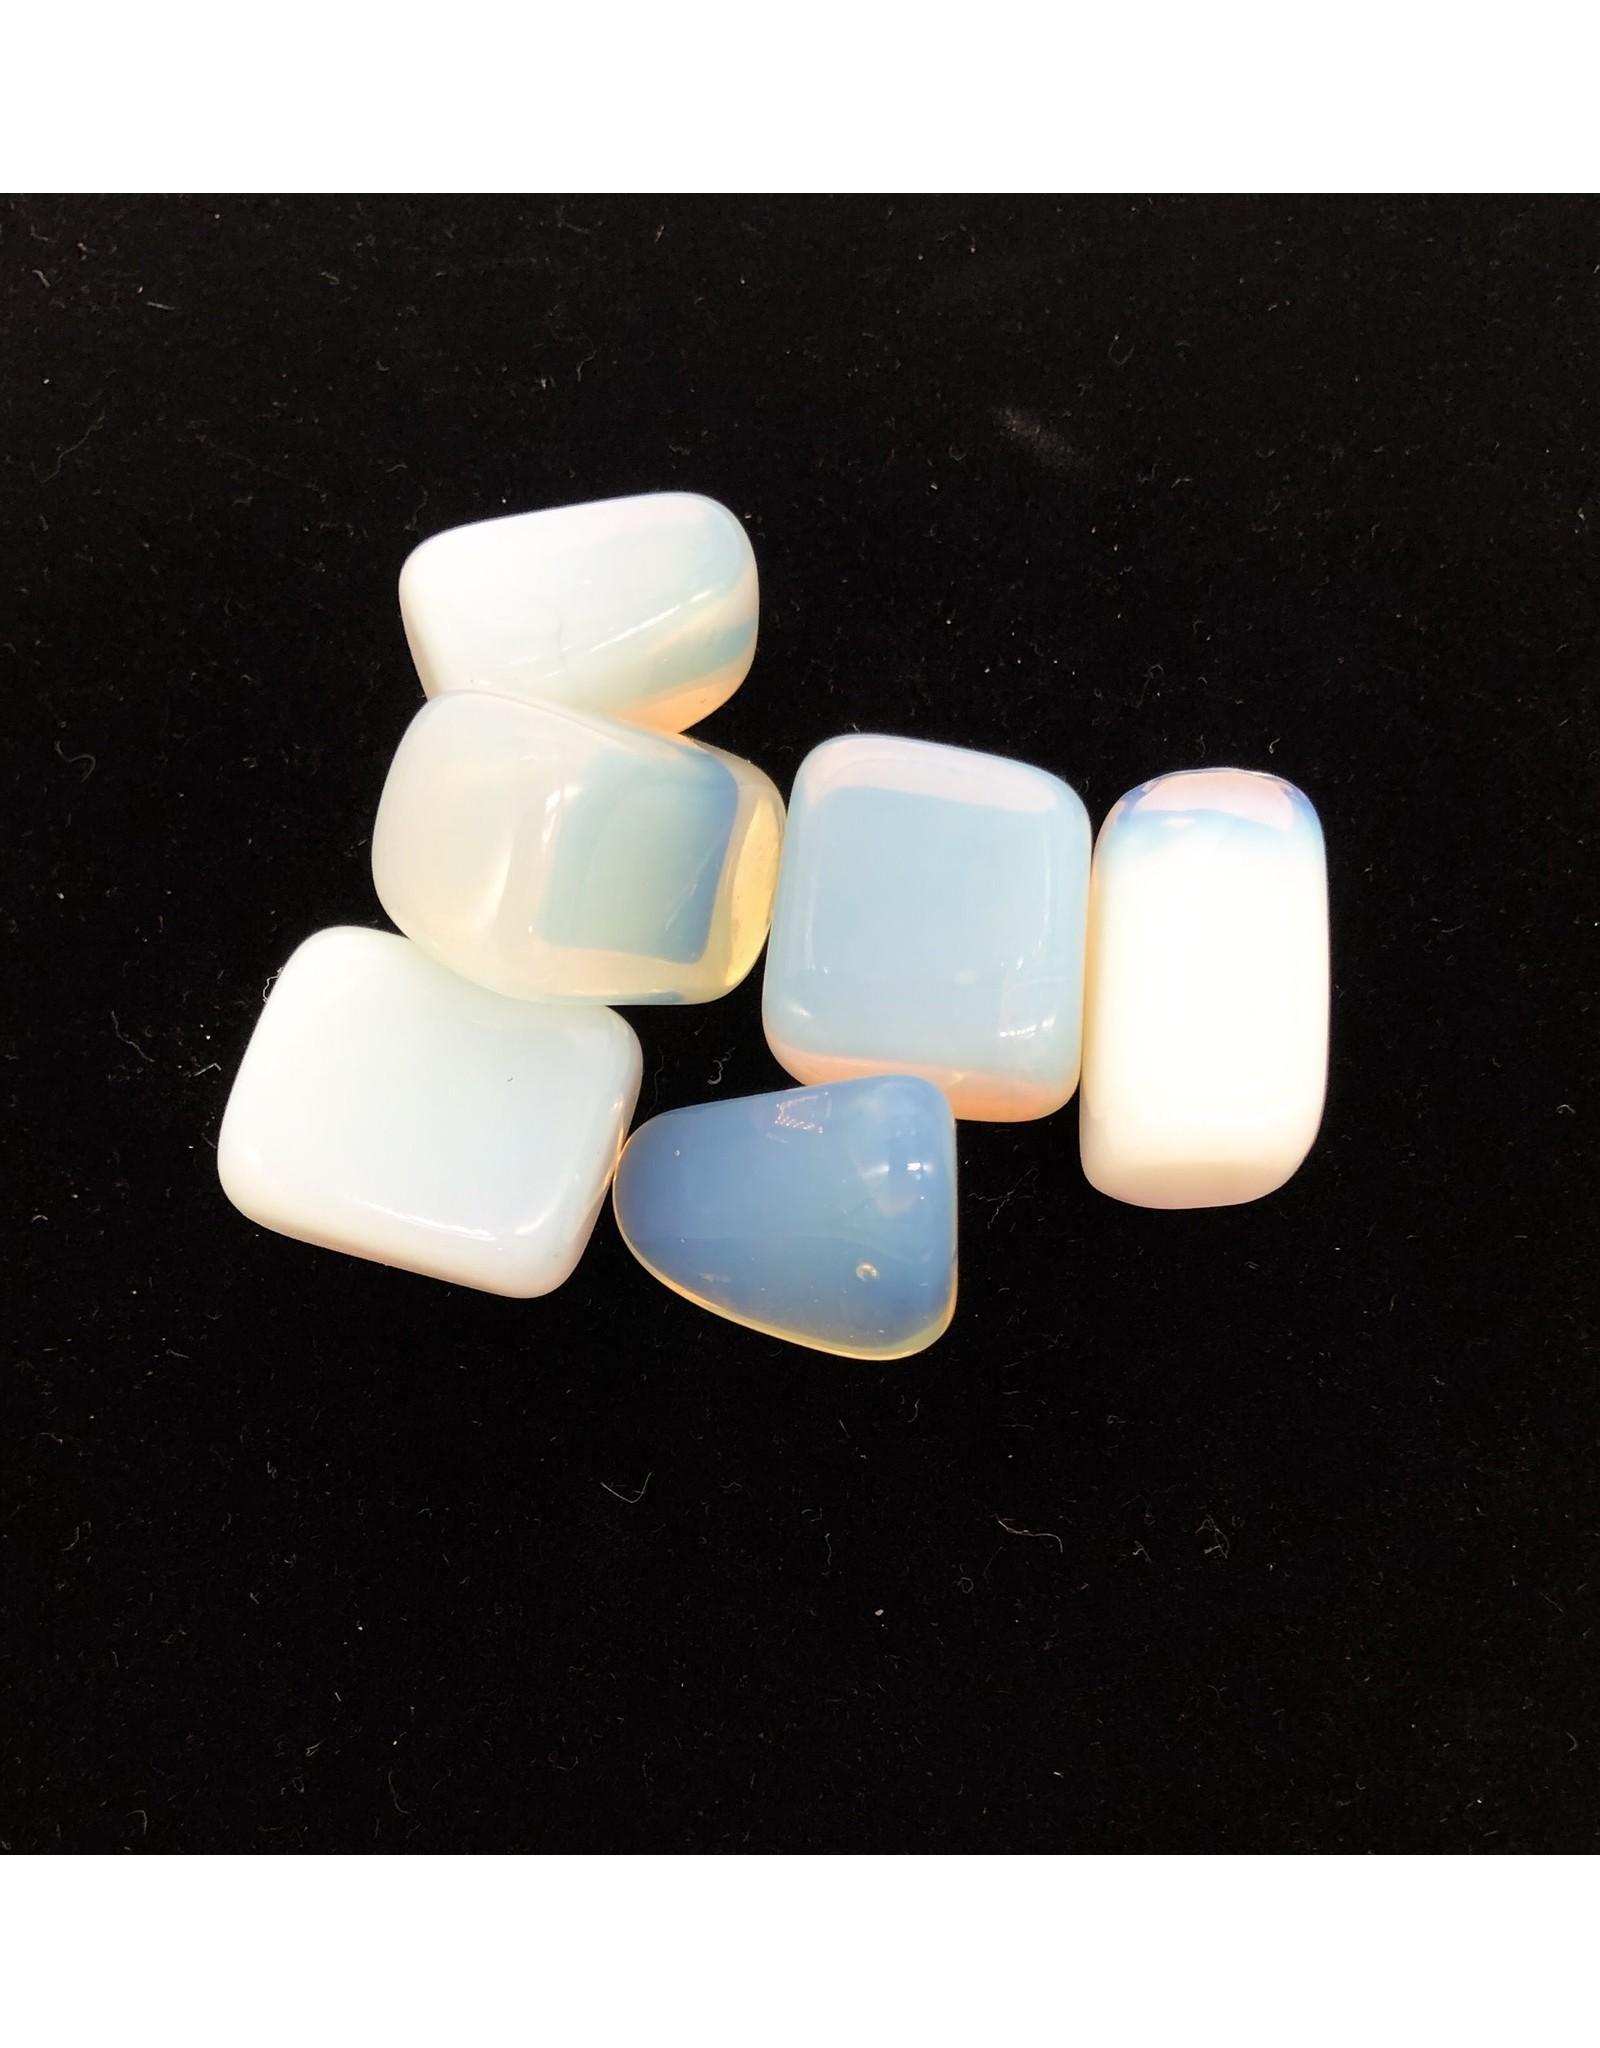 Tumbled Opalite